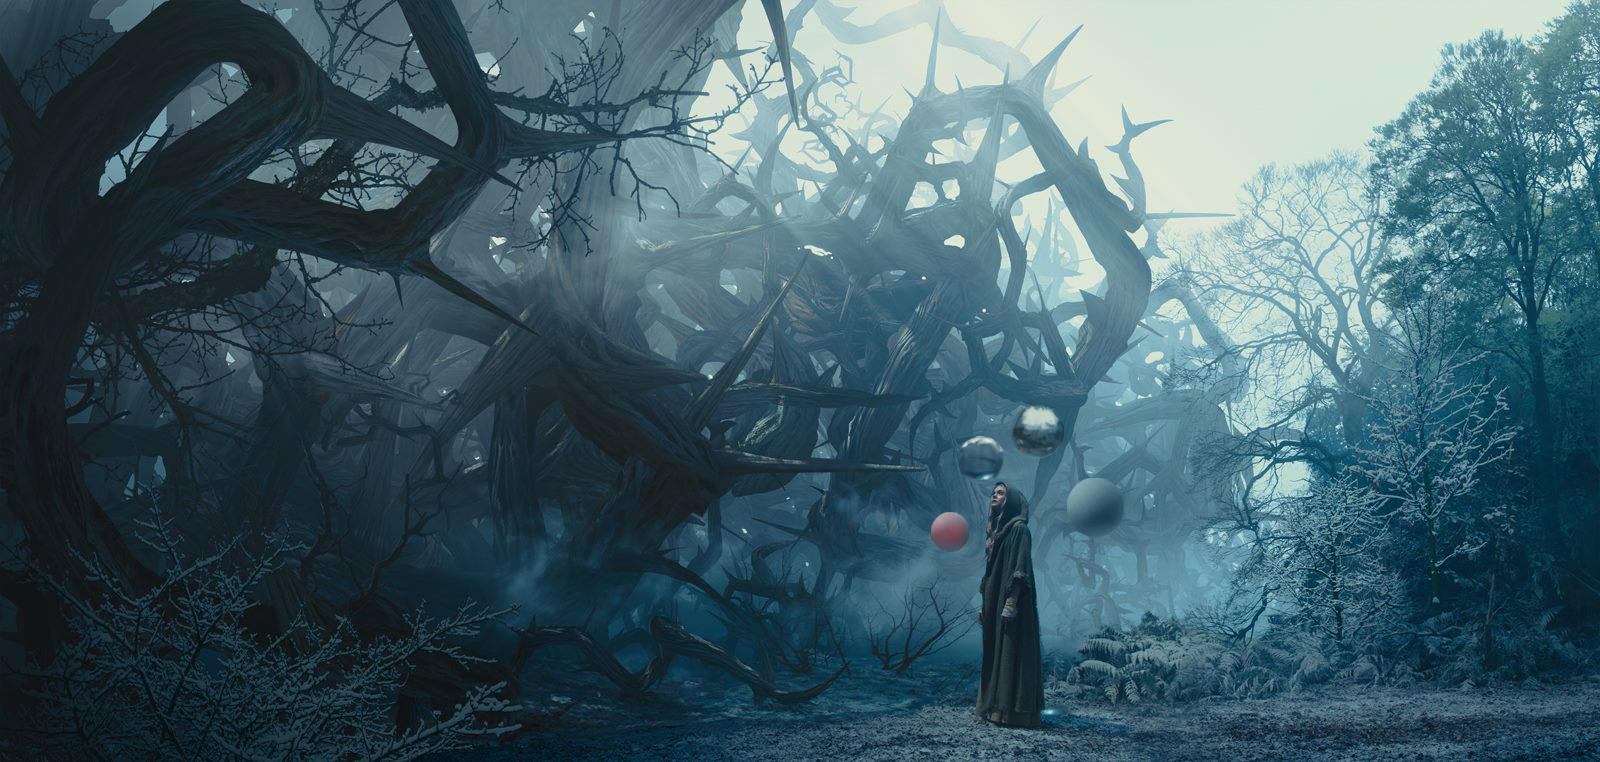 Estudo do autor diretamente sobre quadro do filme Maleficent